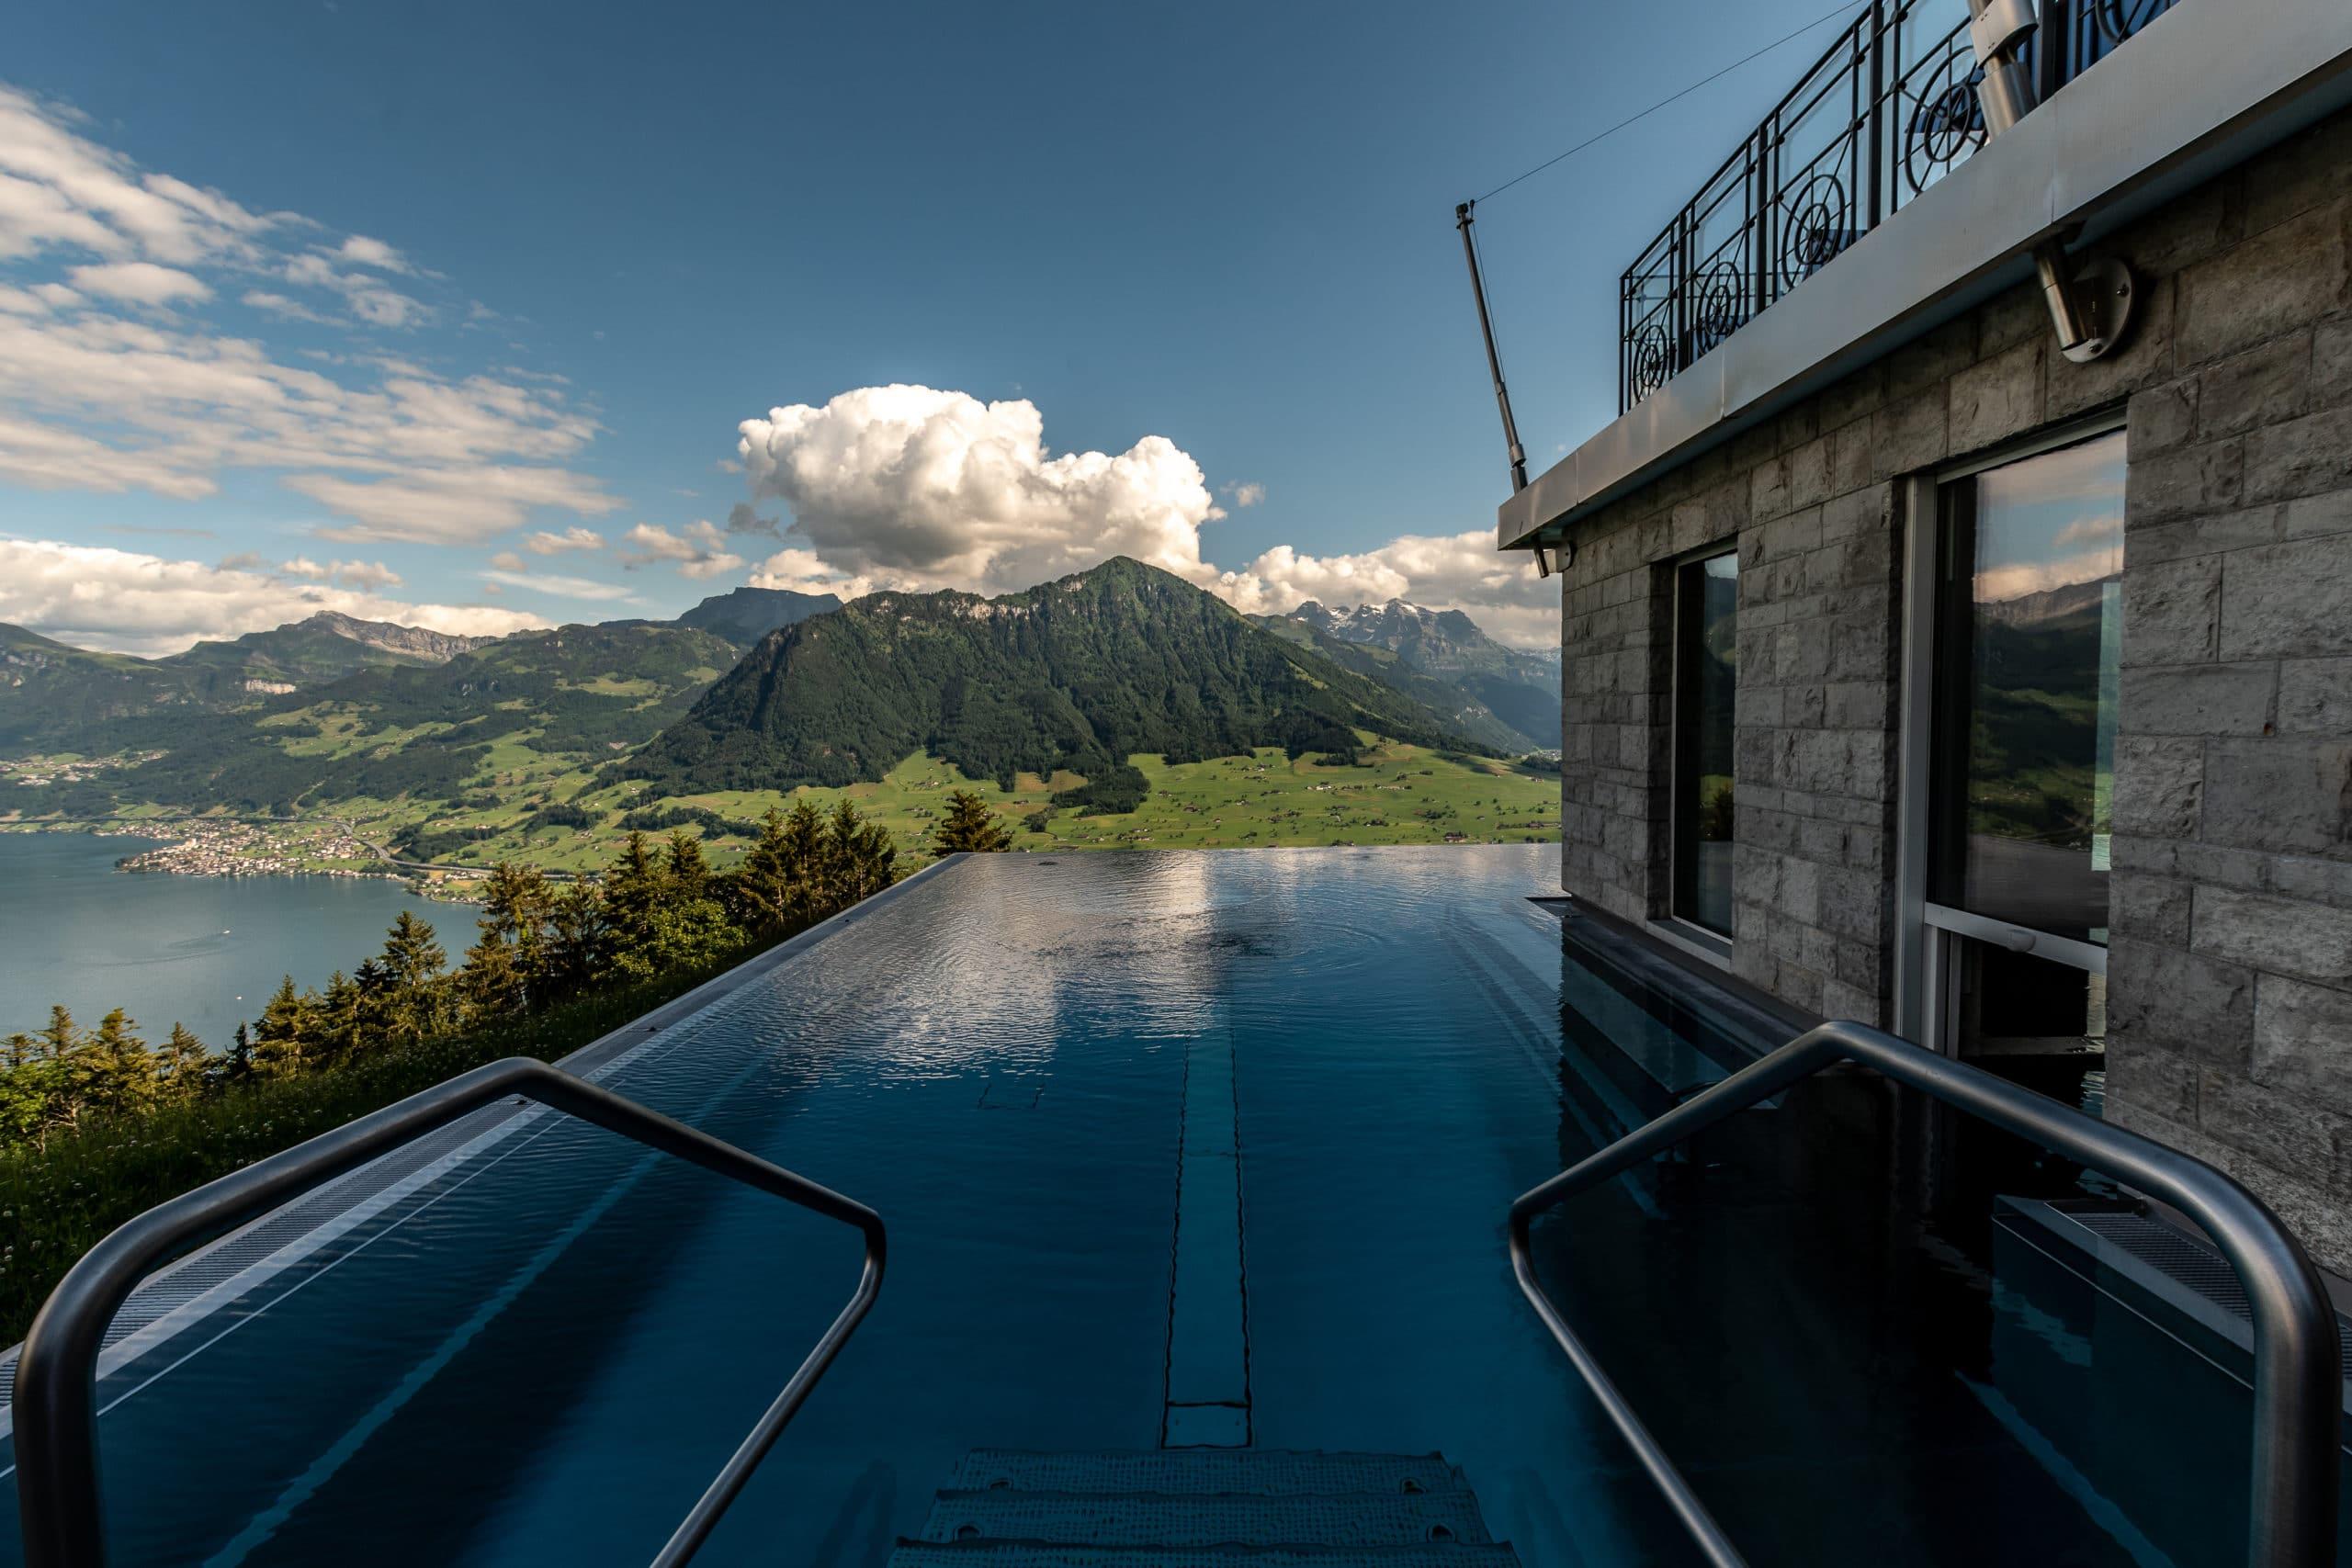 Villa Honegg - Hotel de luxe en suisse